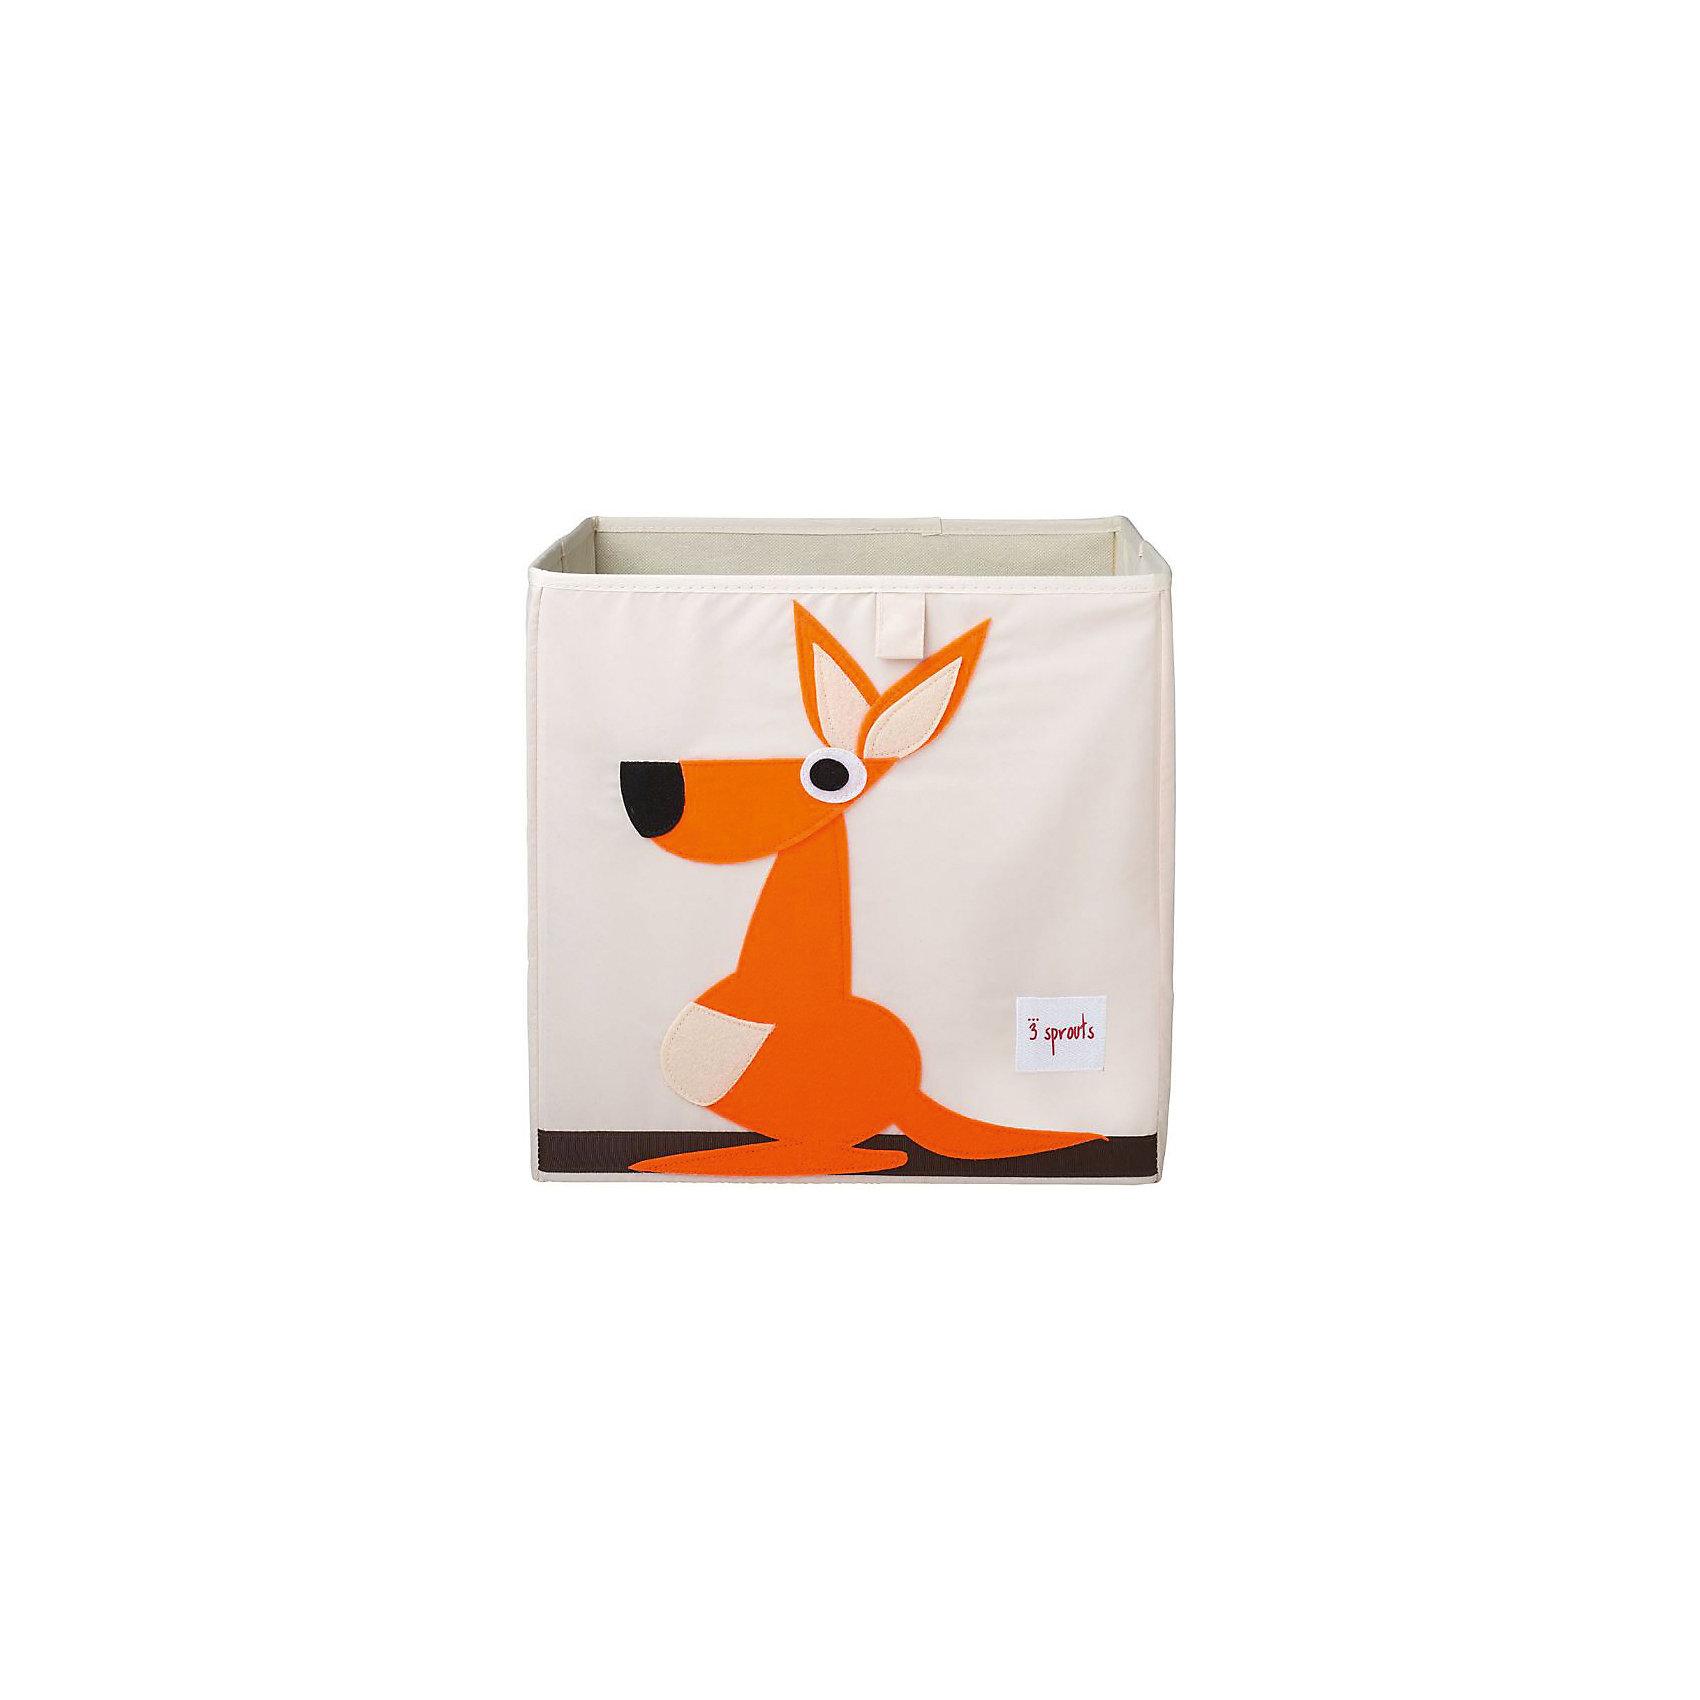 Коробка для хранения Кенгуру (Orange Kangaroo), 3 SproutsКрасивая коробка - это не только место для хранения вещей, но и прекрасный декор любой комнаты.<br><br>Дополнительная информация:<br><br>- Размер: 33x33x33 см.<br>- Материал: полиэстер.<br>- Орнамент: Кегуру.<br><br>Купить коробку для хранения Кегуру (Orange Kangaroo), можно в нашем магазине.<br><br>Ширина мм: 330<br>Глубина мм: 20<br>Высота мм: 330<br>Вес г: 830<br>Возраст от месяцев: 6<br>Возраст до месяцев: 84<br>Пол: Унисекс<br>Возраст: Детский<br>SKU: 5098220